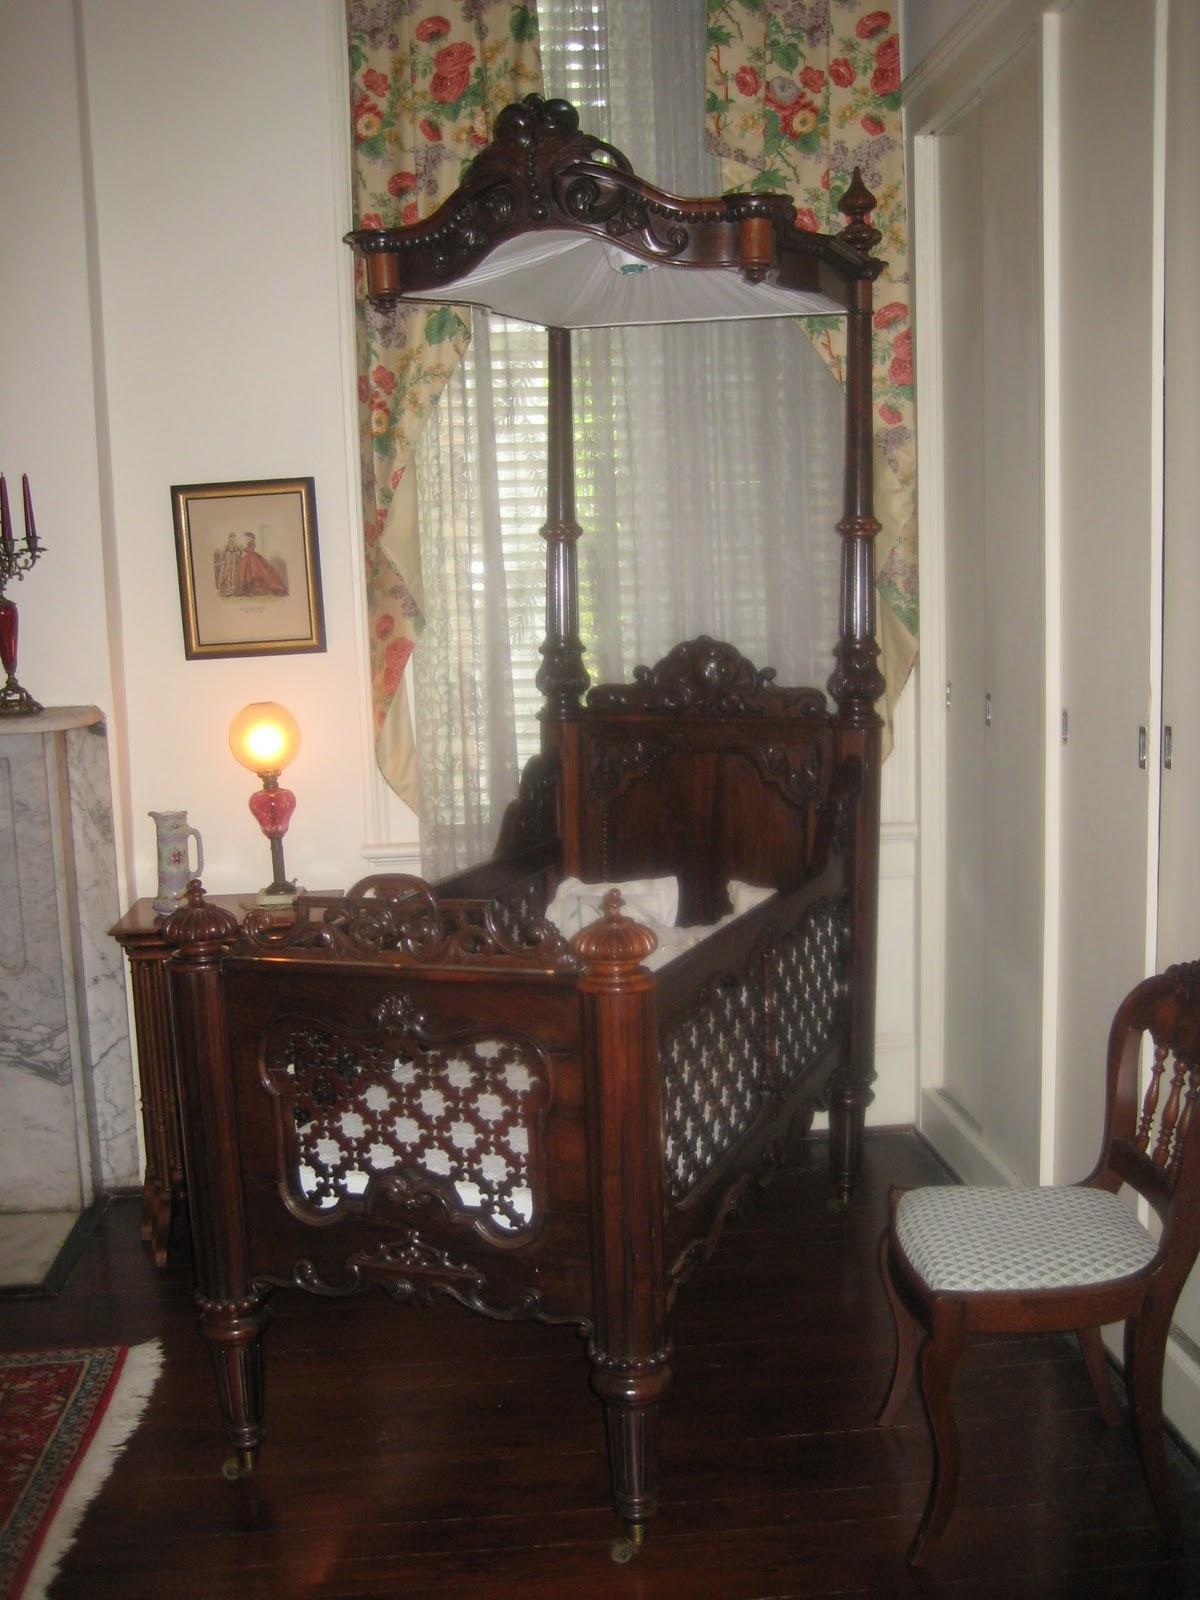 Southern Folk Artist U0026 Antiques Dealer/Collector: The Richards DAR House  1860, Mobile Alabama